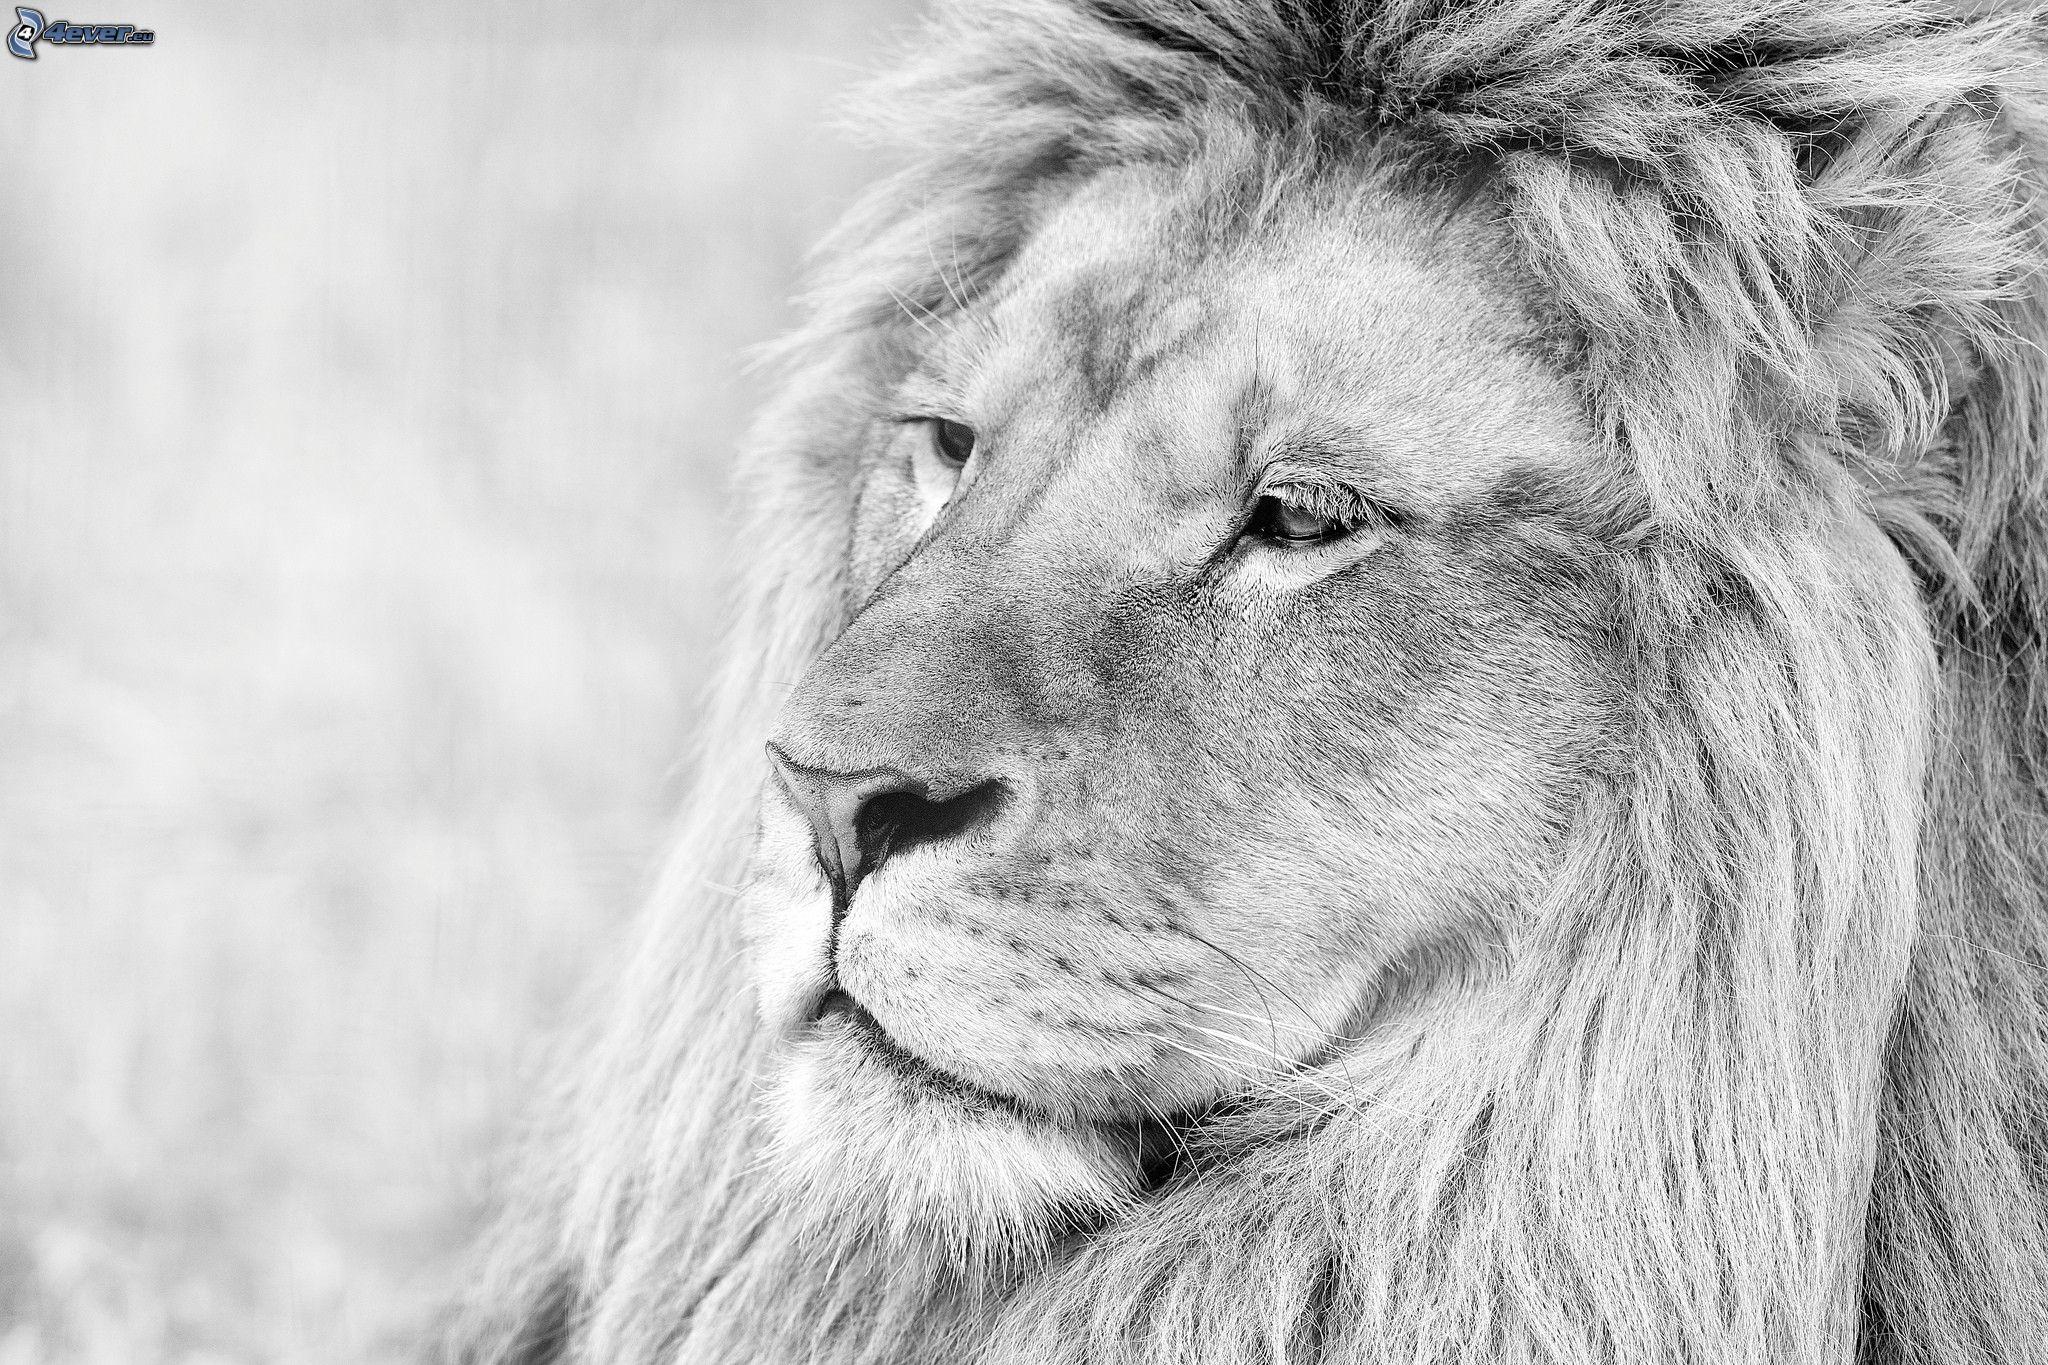 Le n en calma for Immagini leone hd